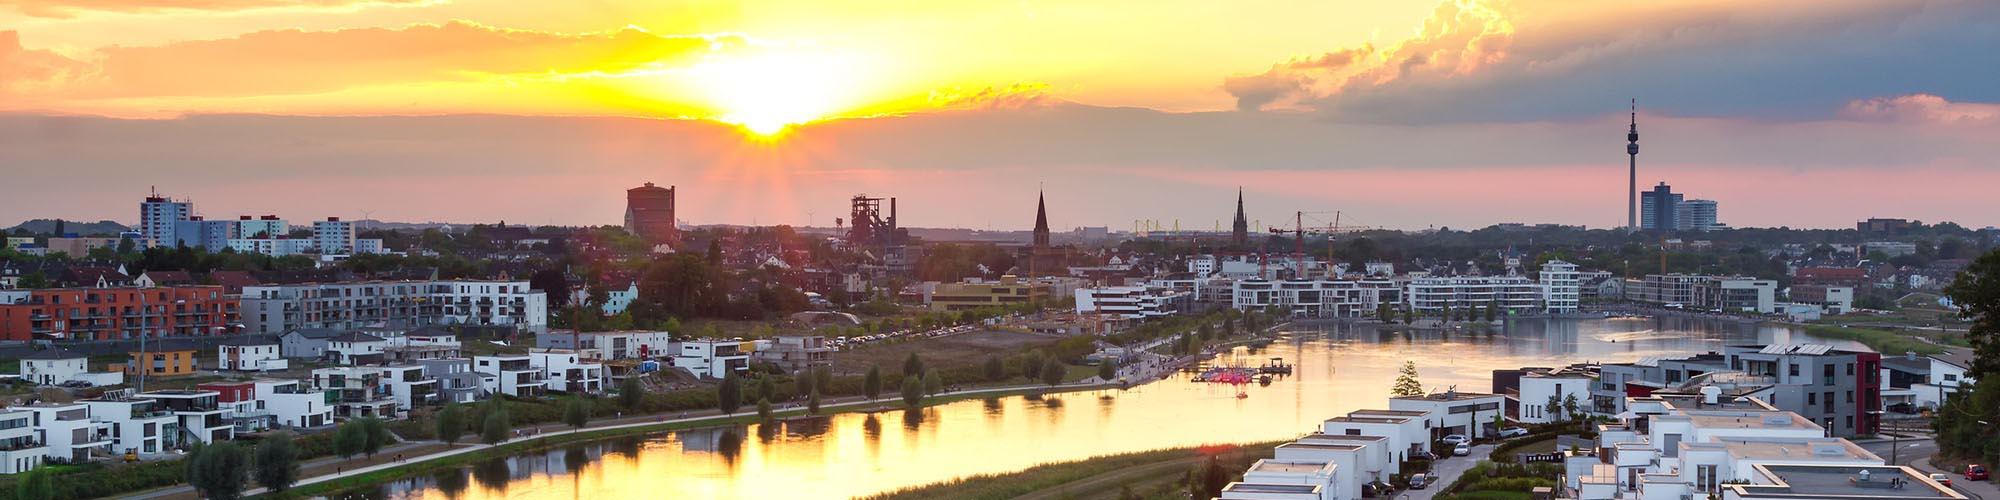 Weidenbach Immobilien Herne: Ein malerischer Blick auf Immobilien in Dortmund am Phönixsee